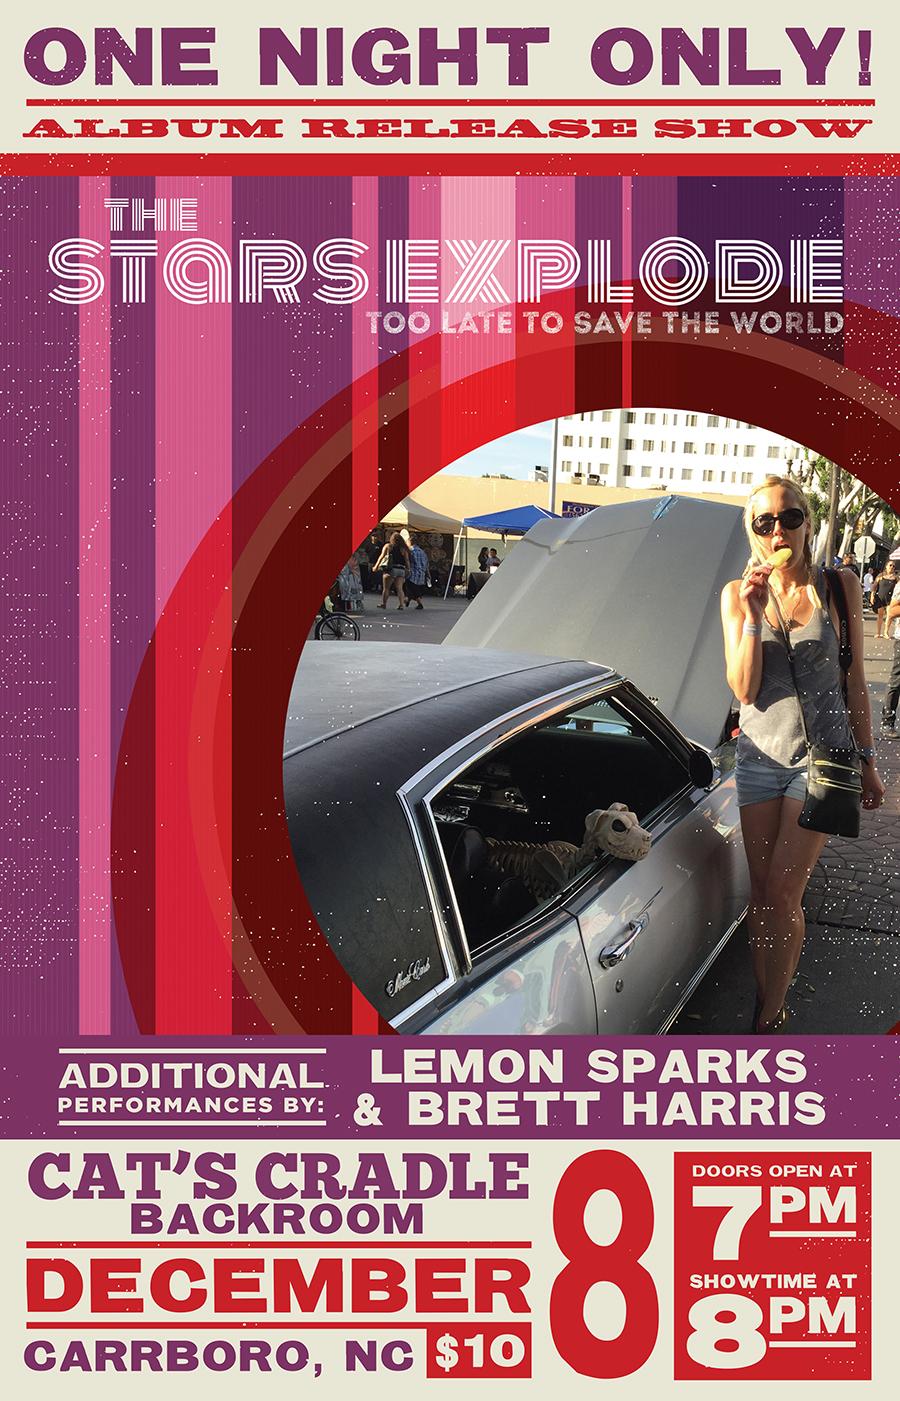 TheStarsExplode_Poster2